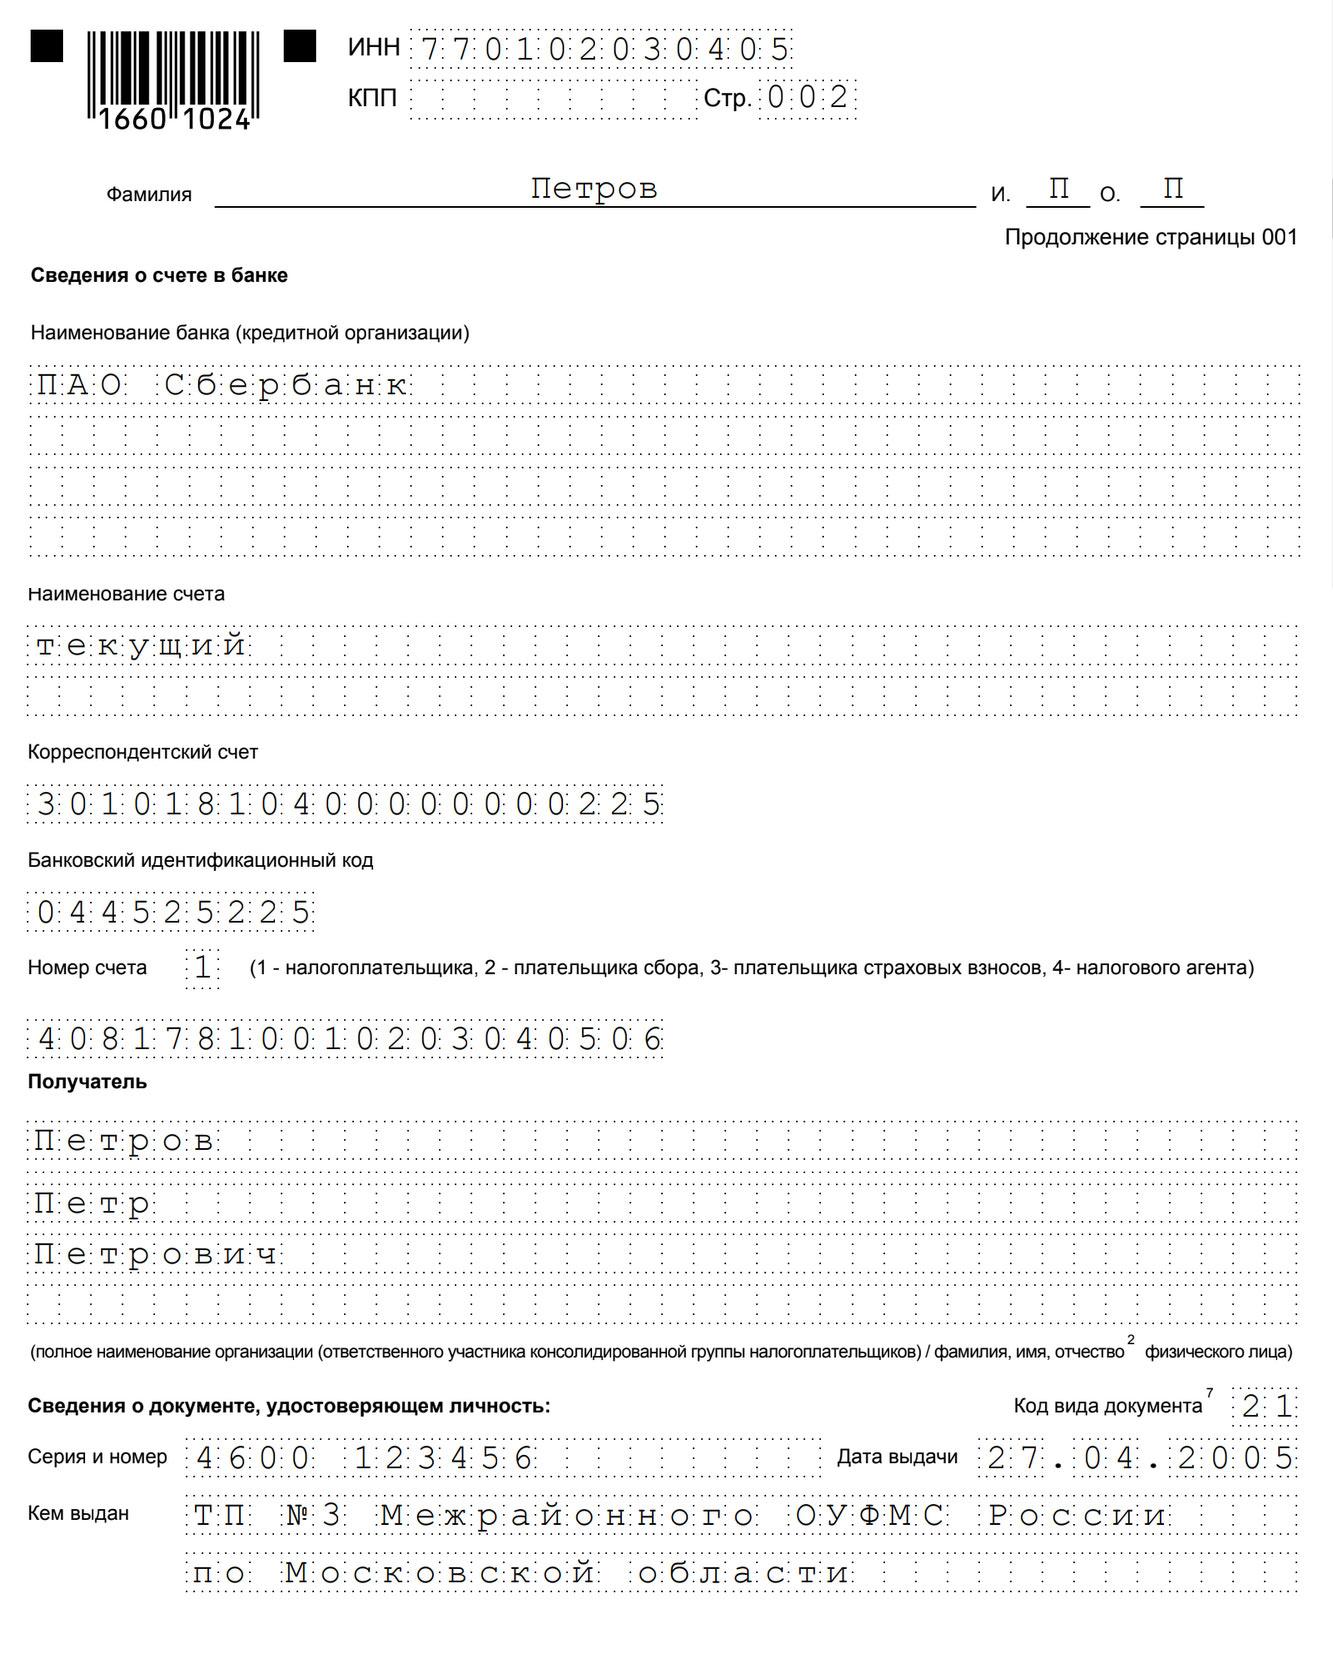 Сведения о счете в банке (бланк)